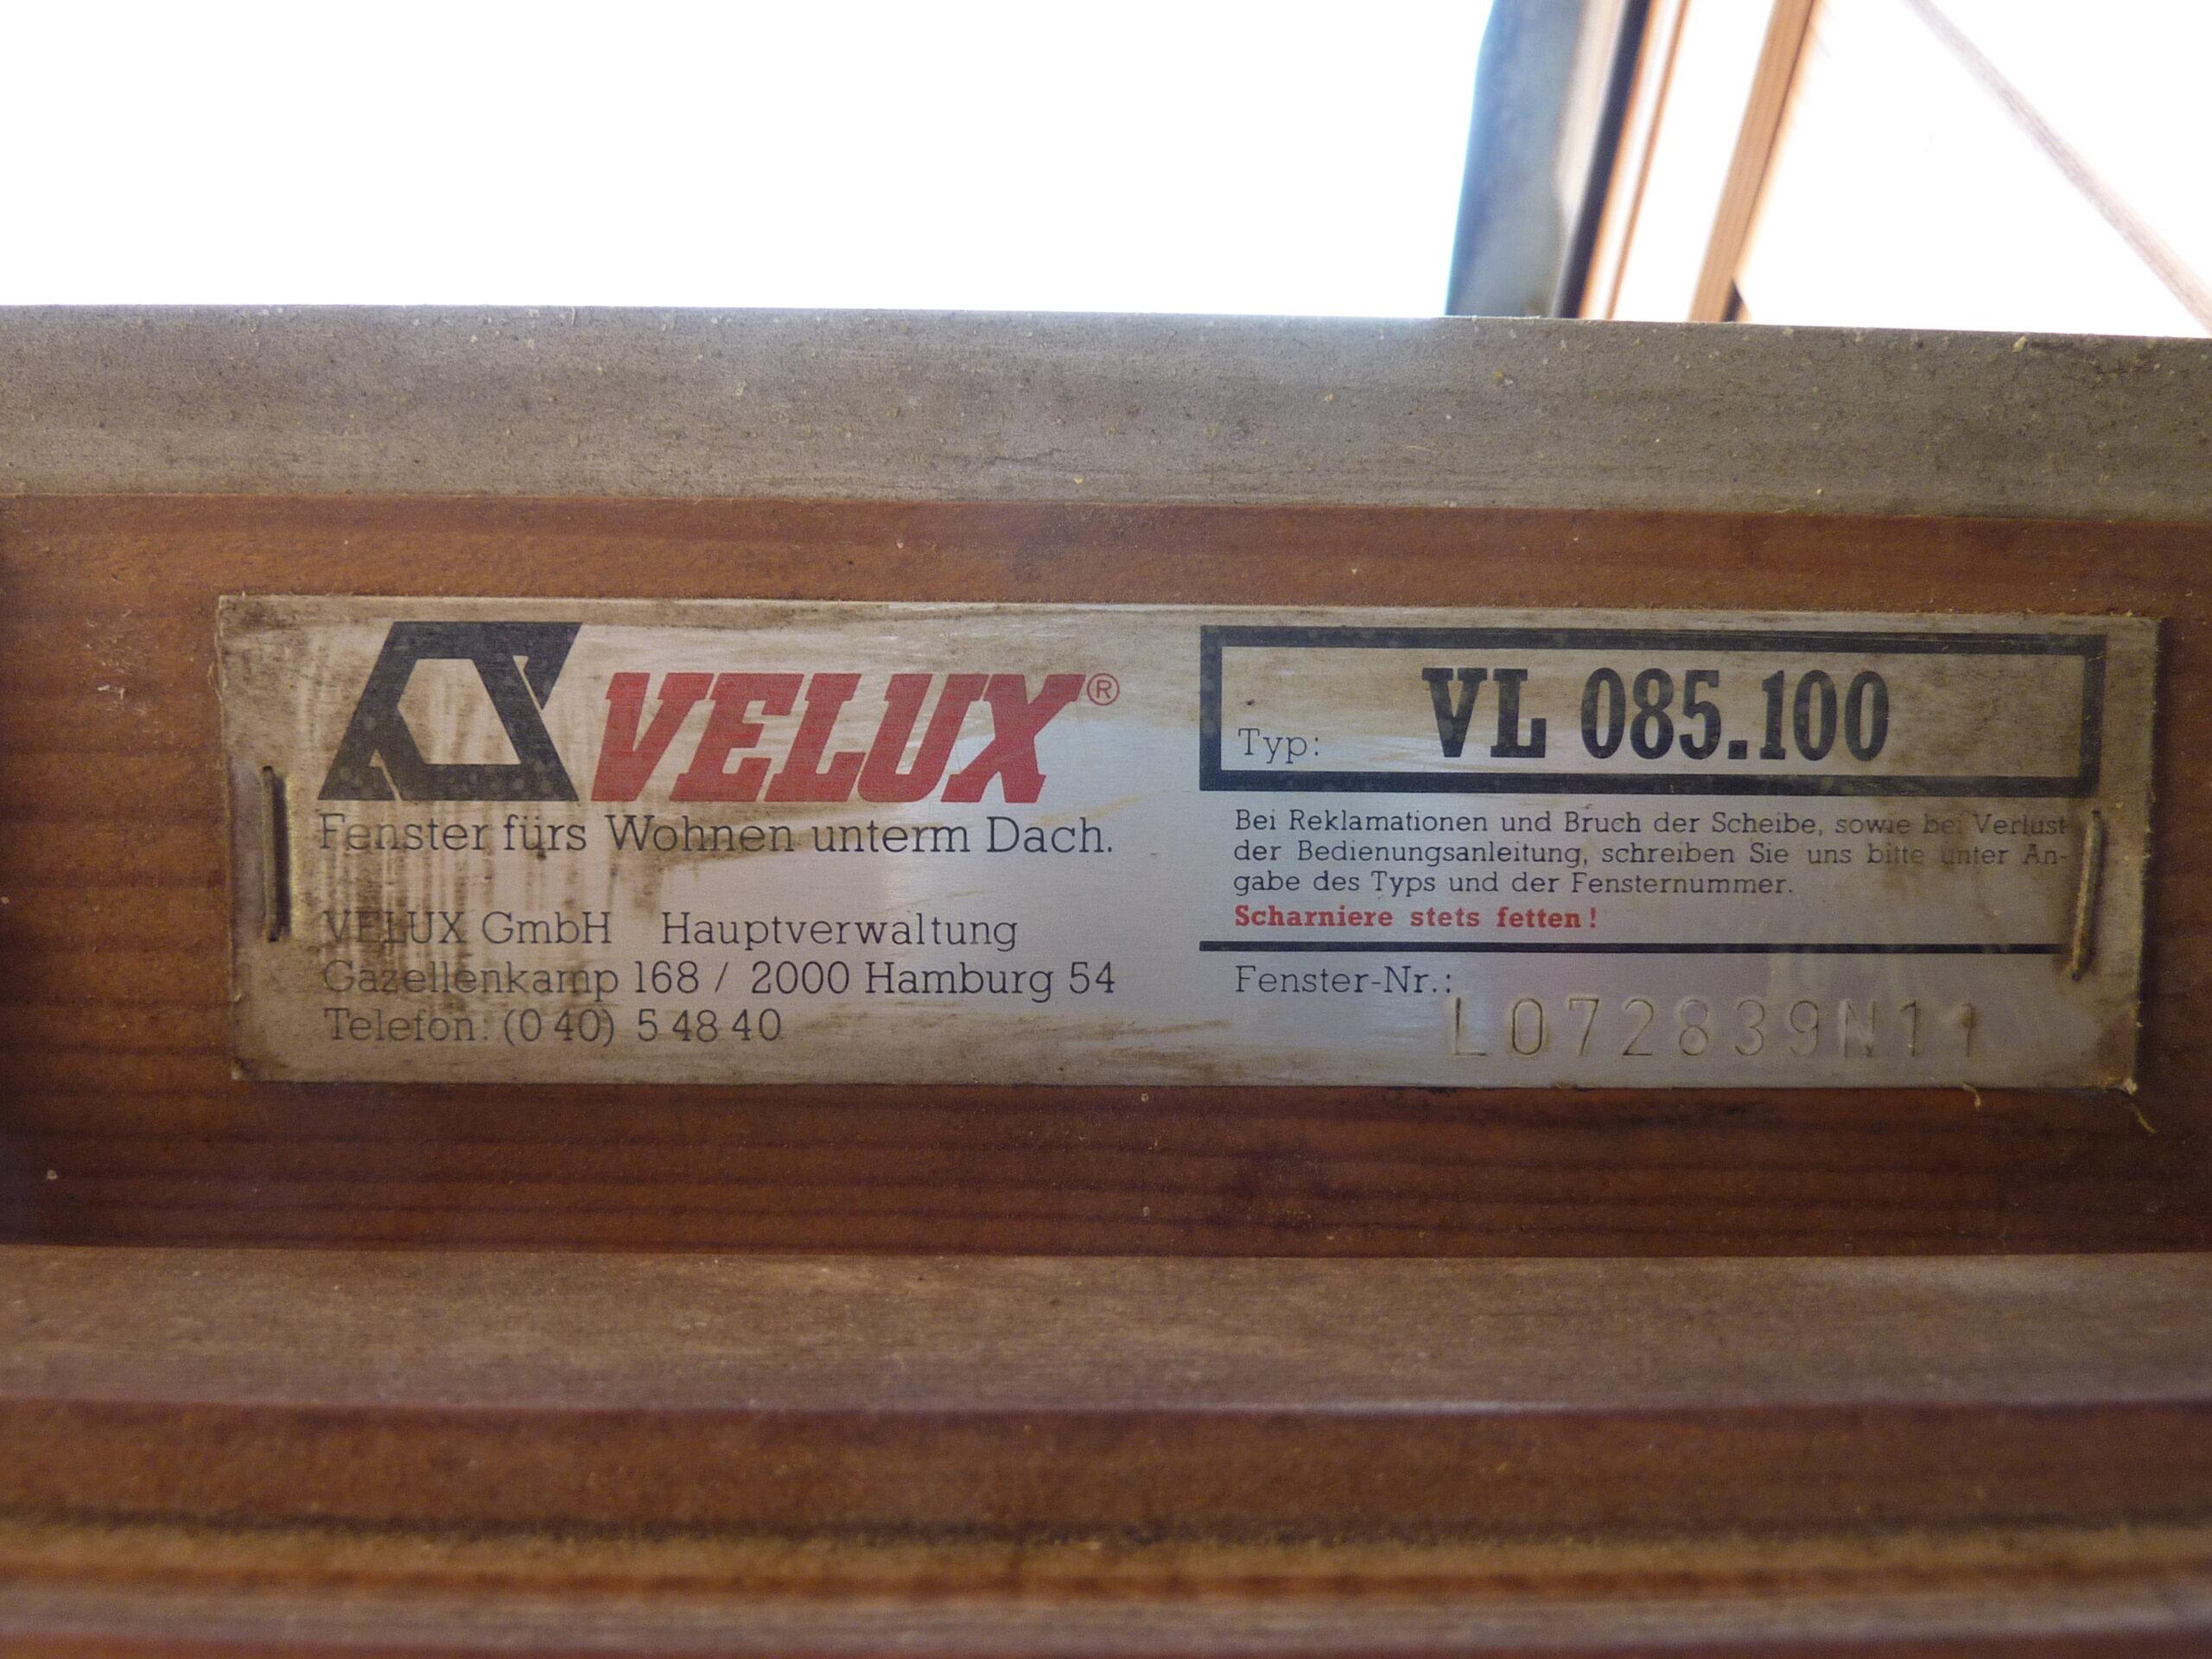 Full Size of Verdunkelungsrollos Fr Alte Vl Holzfenster Frage Antwort Velux Fenster Preise Kaufen Rollo Einbauen Ersatzteile Wohnzimmer Velux Scharnier